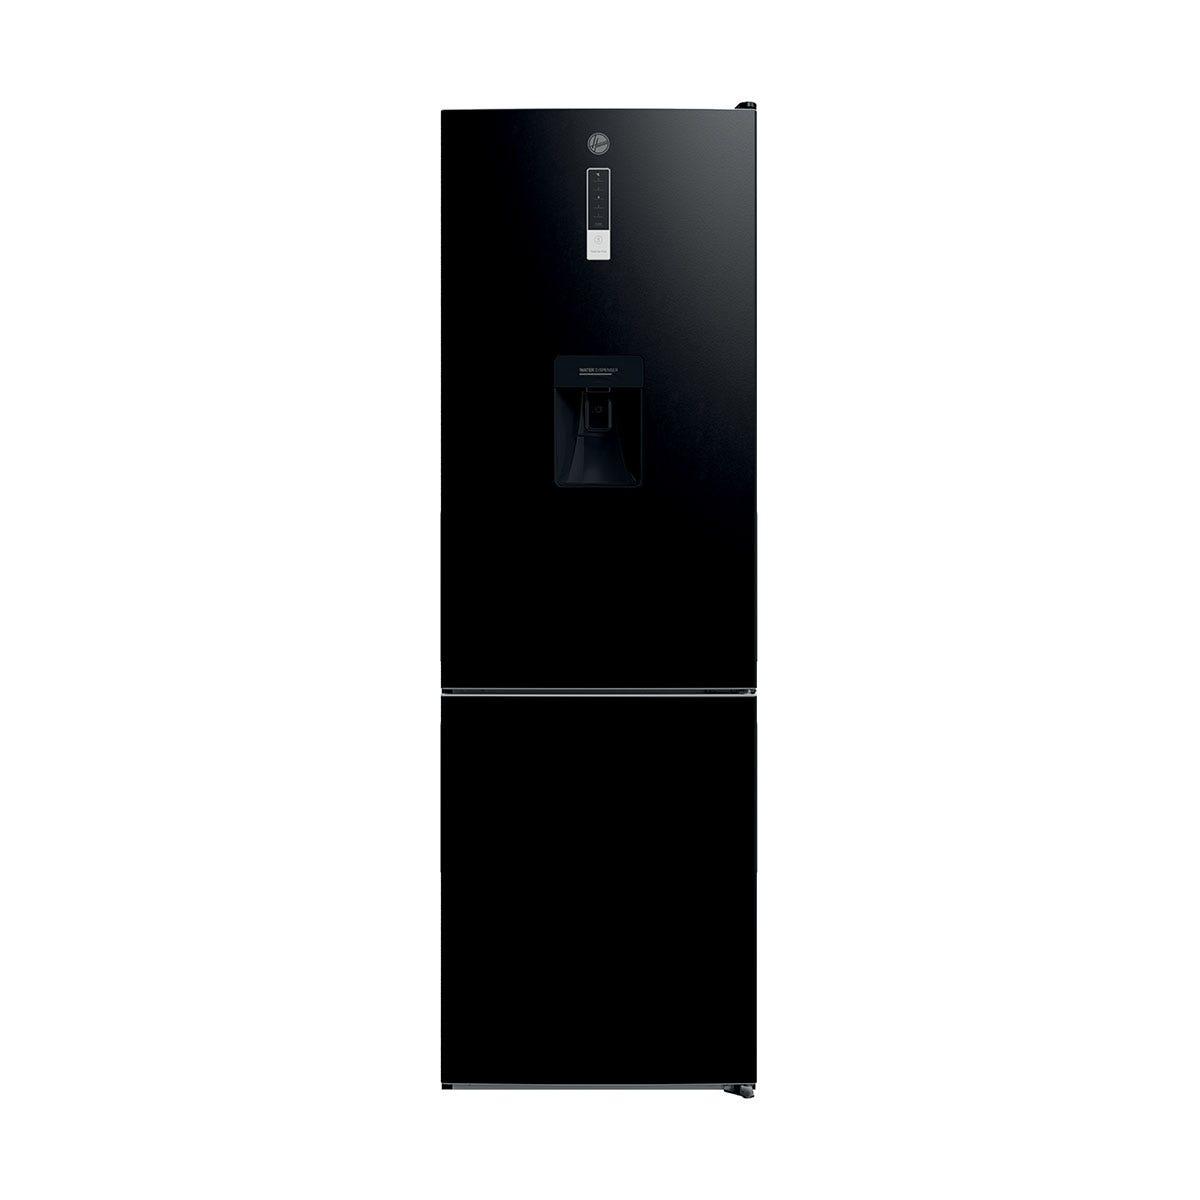 Hoover HMDNV 6184BWDK 60cm Total No Frost Fridge Freezer - Black